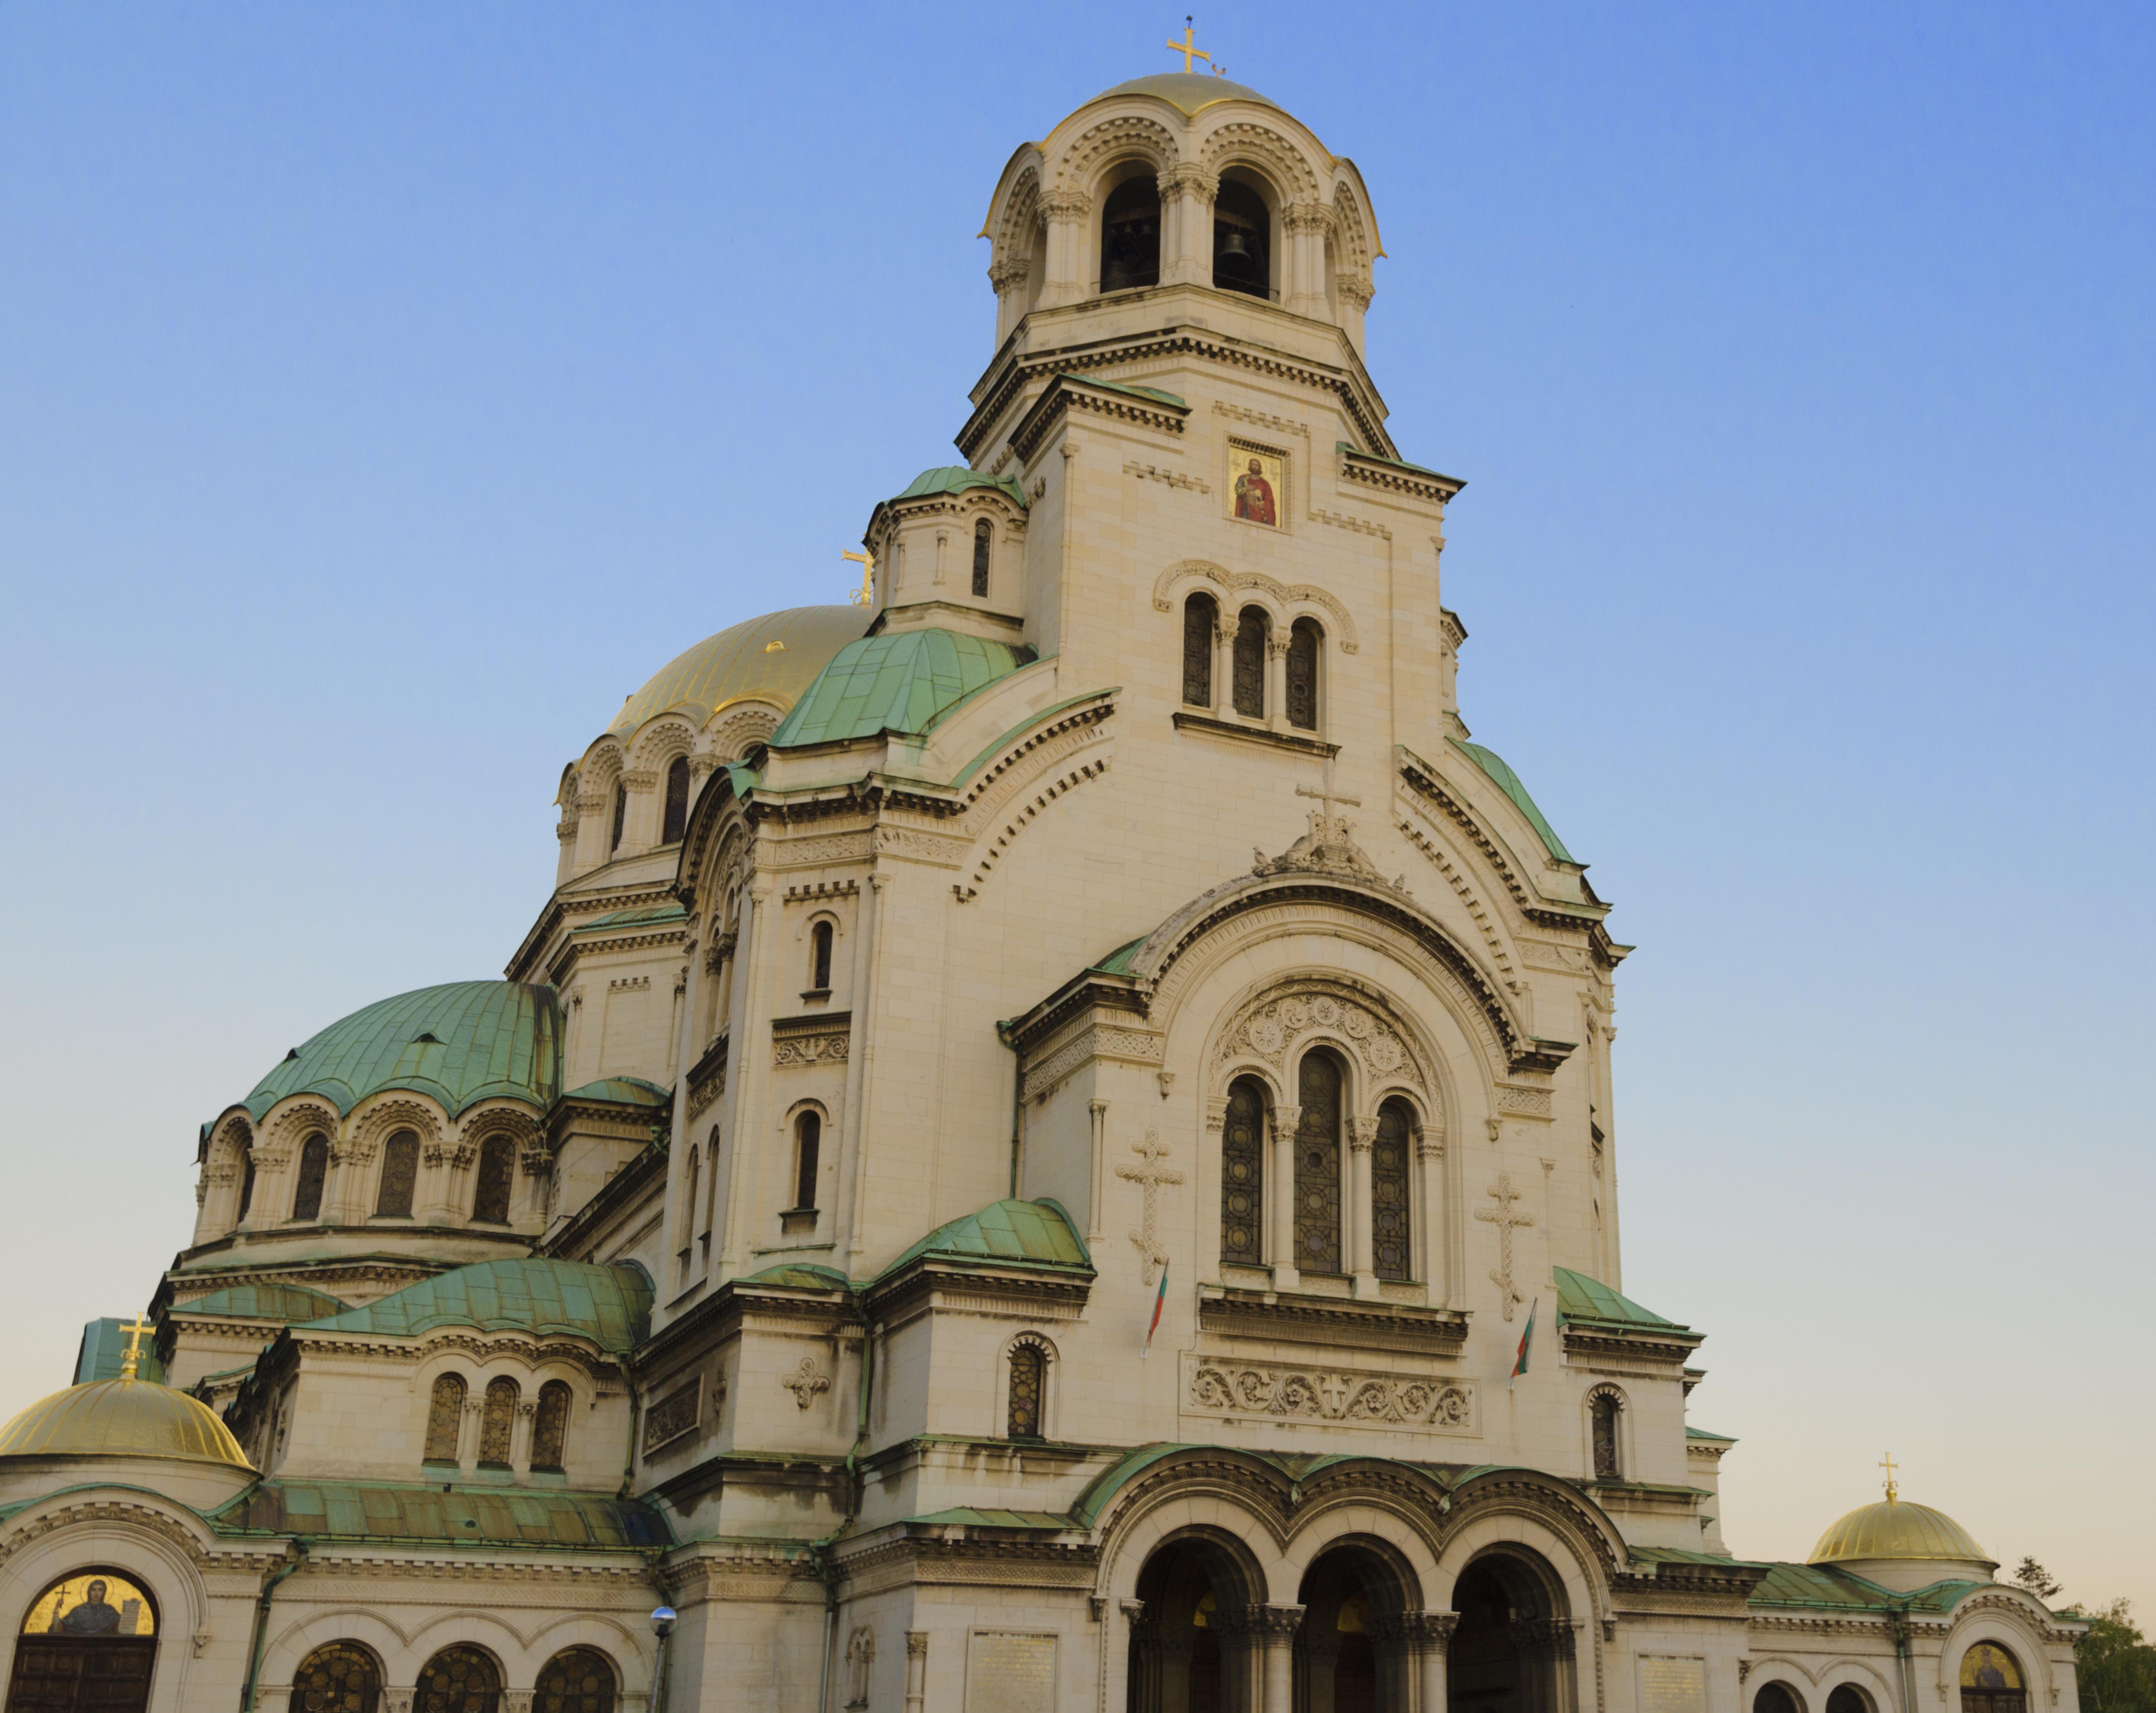 La Catedral de Alexander Nevski, de sus cúpulas doradas al cielo - Bulgaria Circuito Bulgaria Artística